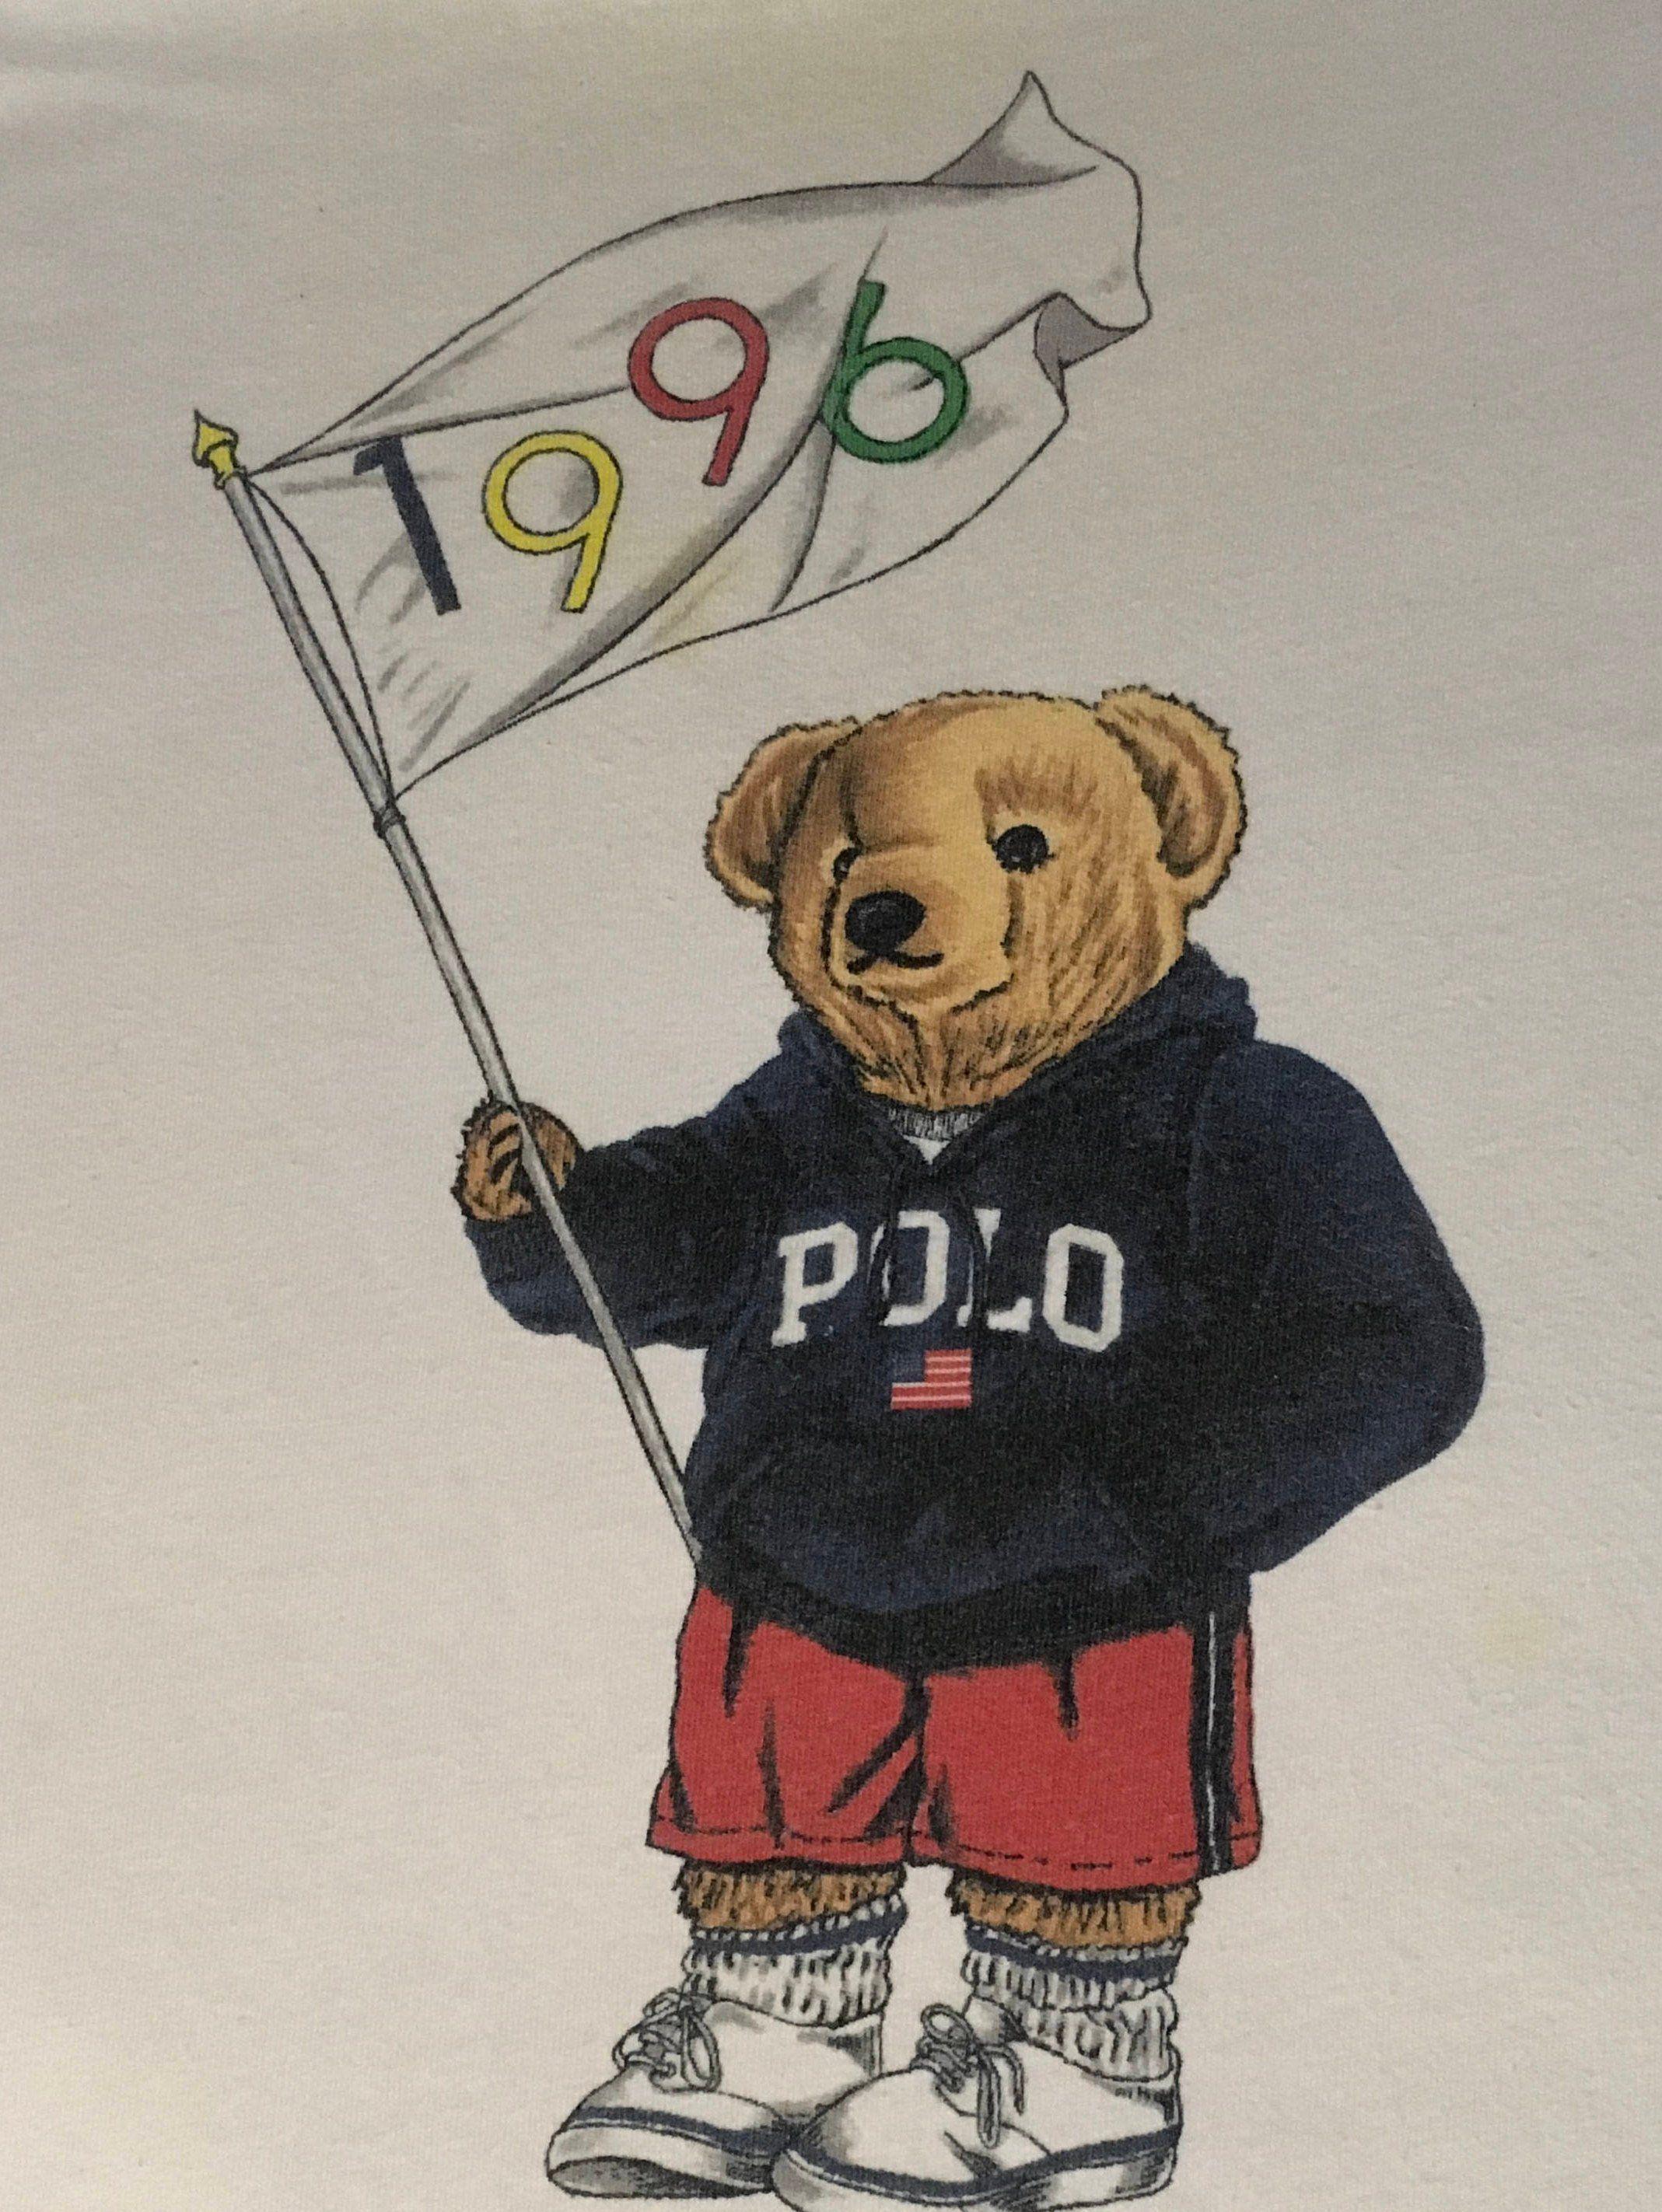 540f46c9 Ralph Lauren 1996 Olympics Polo Bear T Shirt Hip Hop Streetwear ...